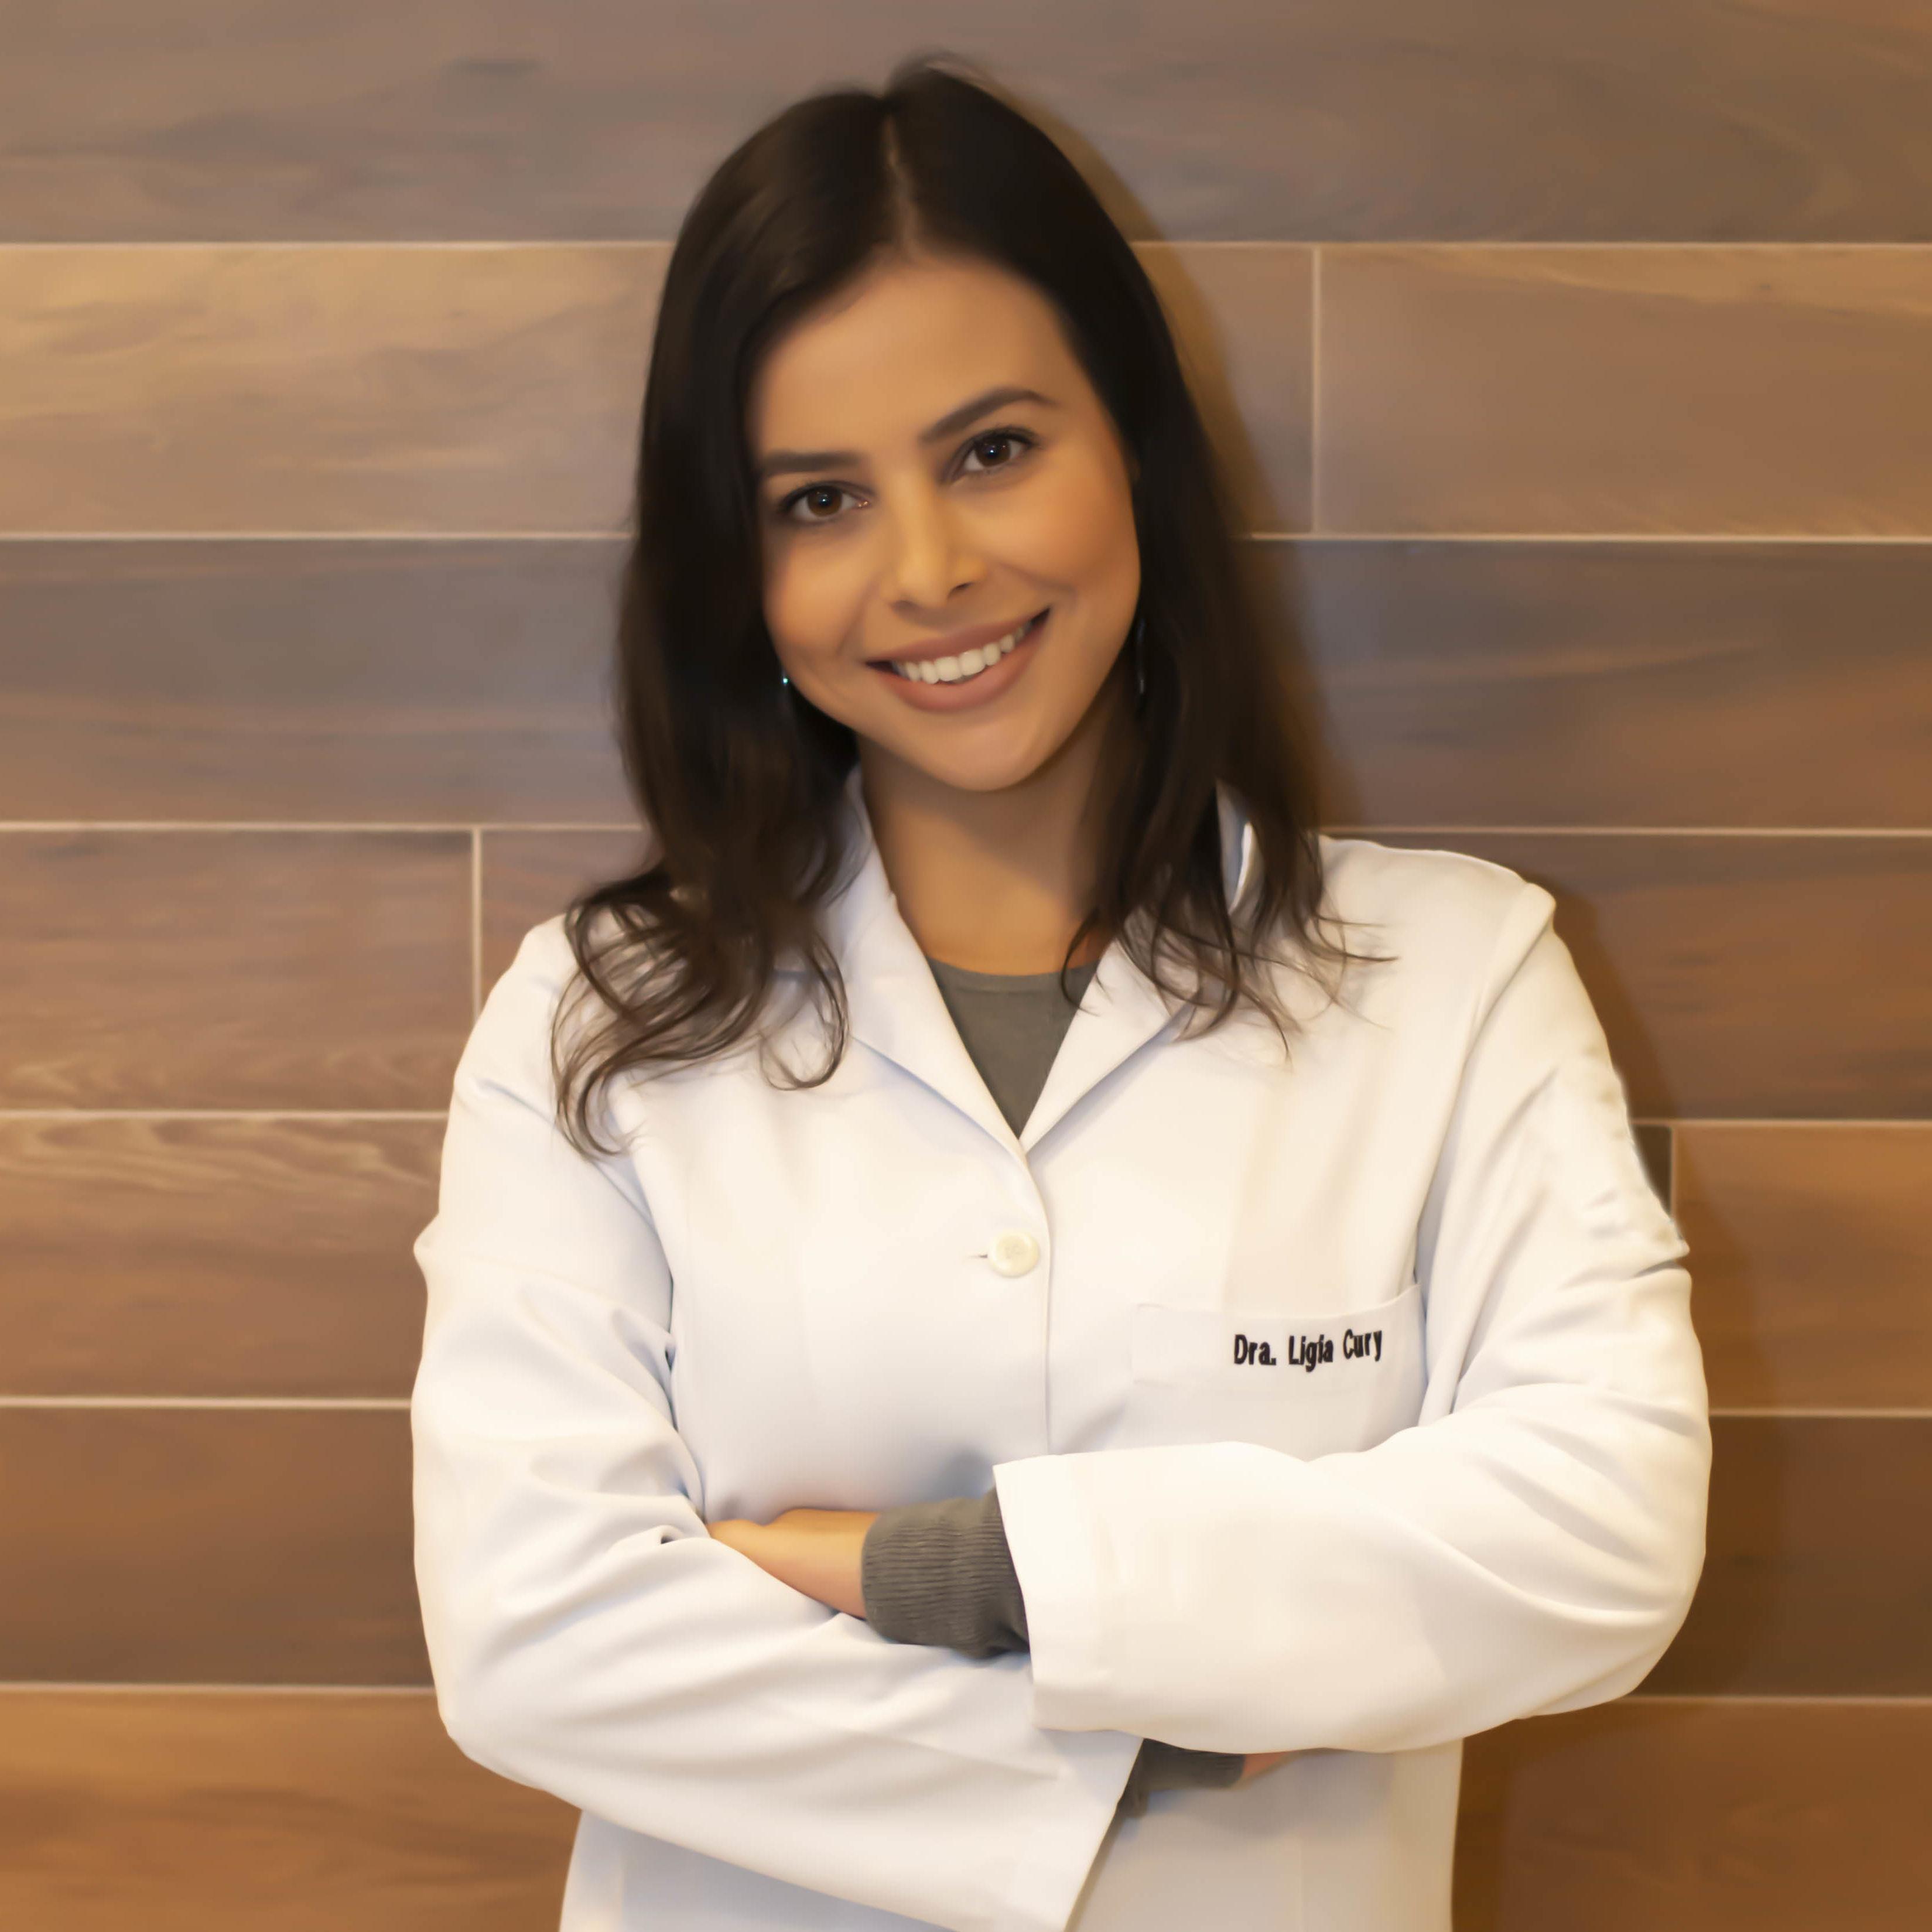 Dra. Ligia Cury